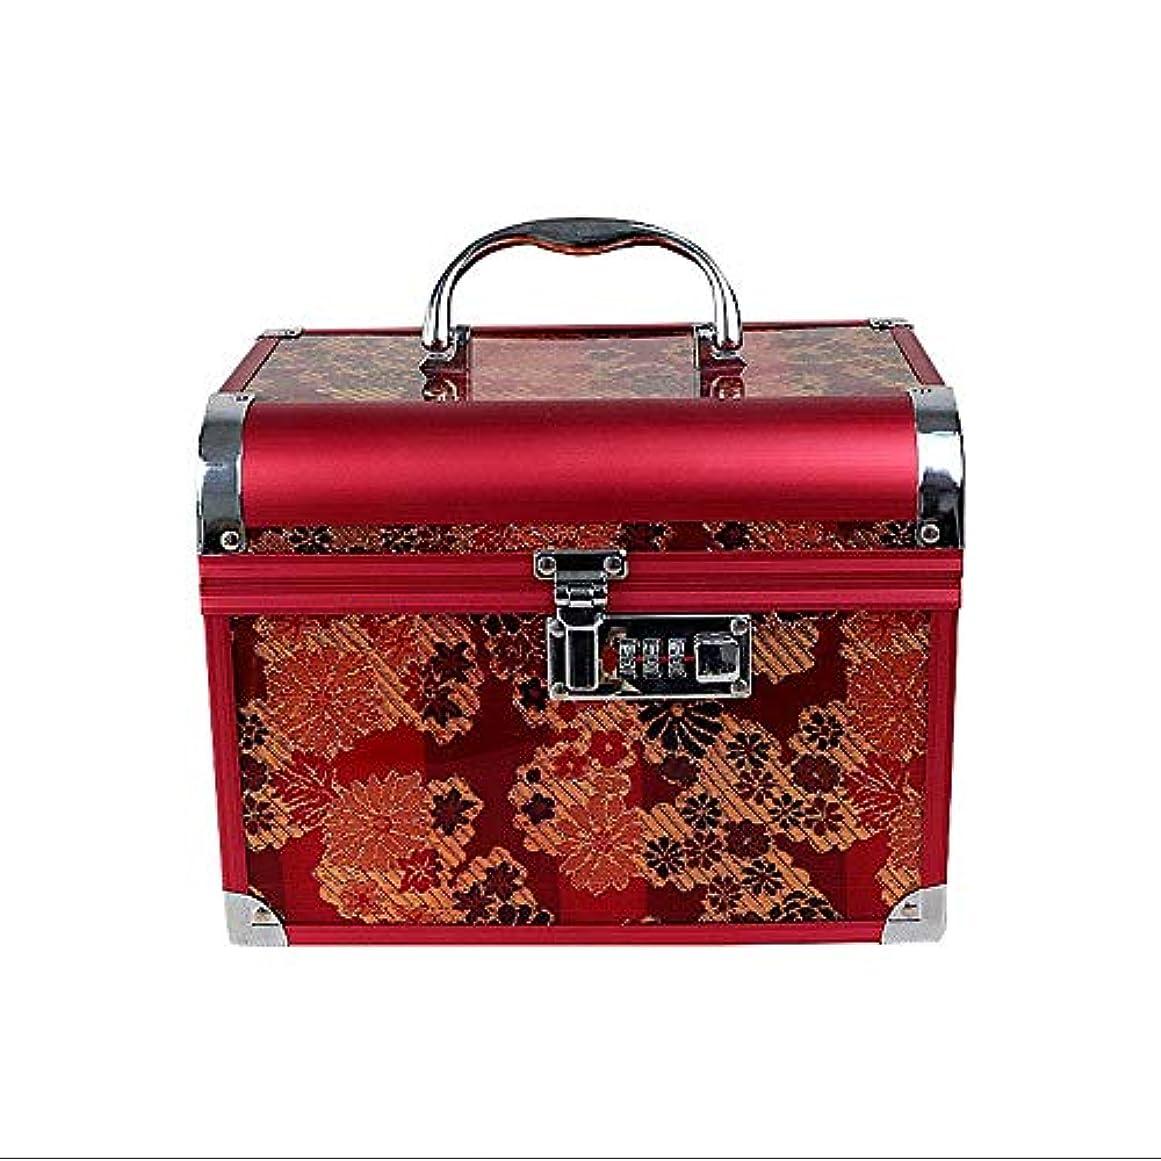 潜むアラブサラボ成功する化粧オーガナイザーバッグ 美容メイクアップのための大容量ポータブル化粧ケース、女性用女性用旅行用品、コード付きロック付き折り畳みトレイ 化粧品ケース